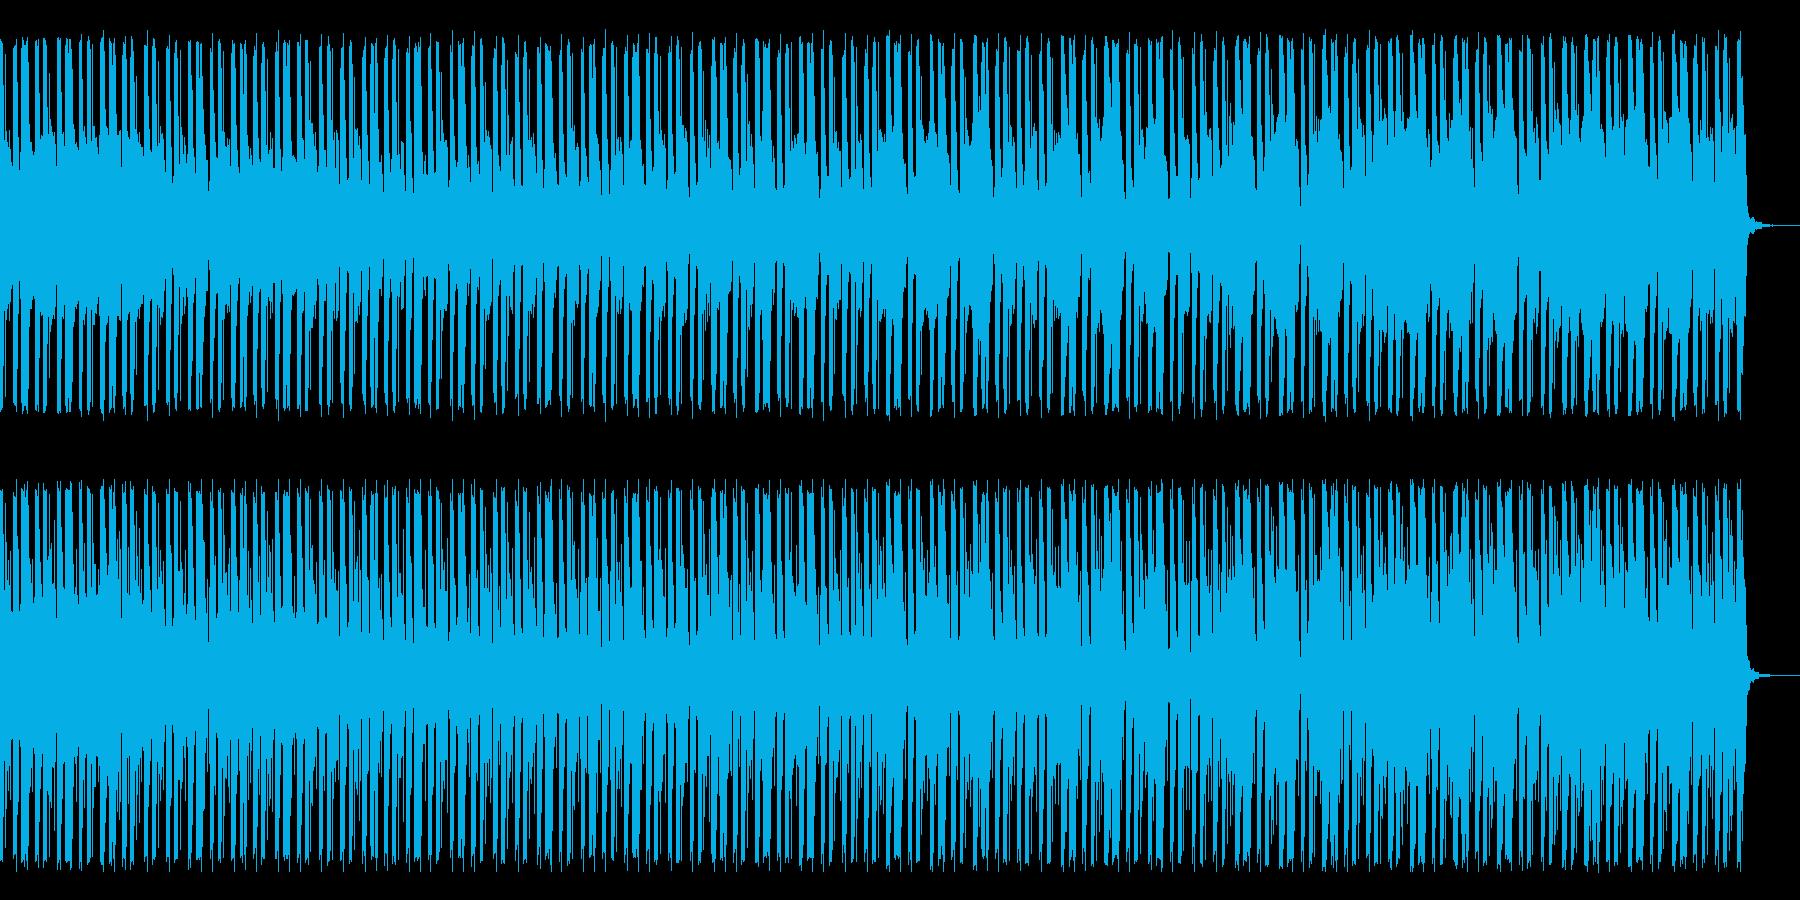 フリースタイルビート400の再生済みの波形